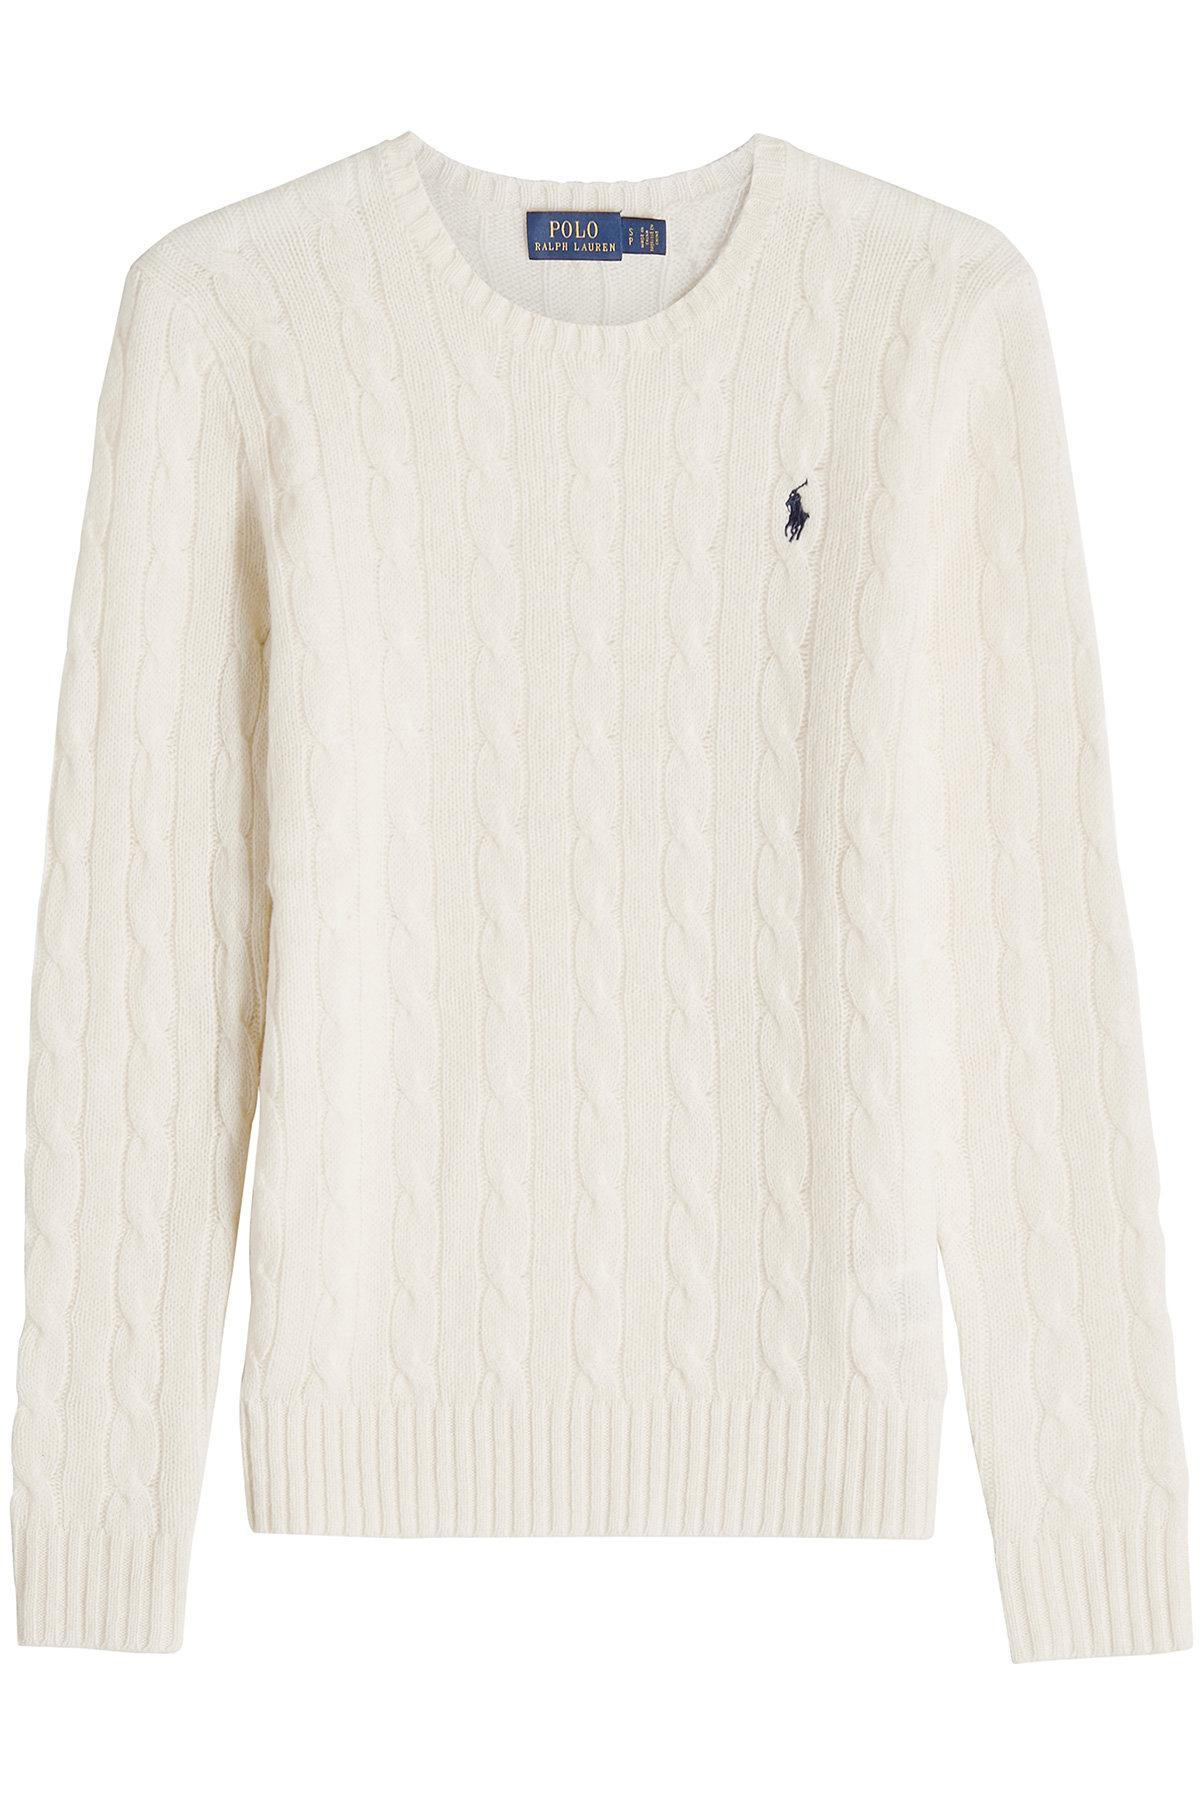 Lyst - Pull à col rond en laine et cachemire Polo Ralph Lauren f07edbb9912b